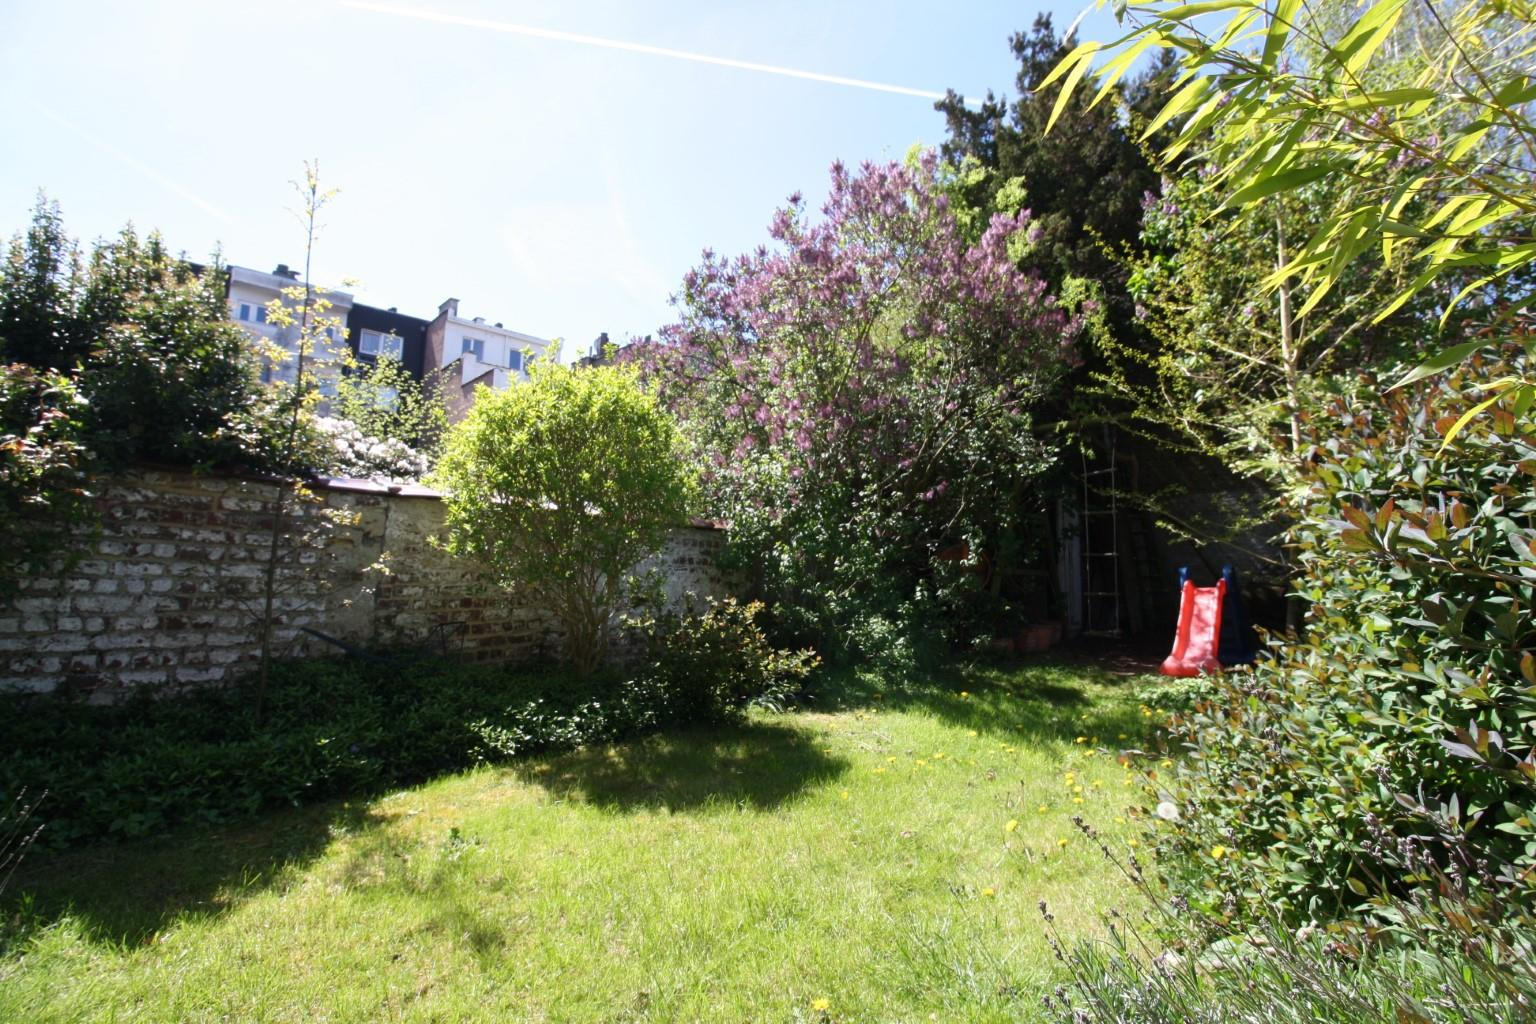 Maison - Berchem-Sainte-Agathe - #2305786-6